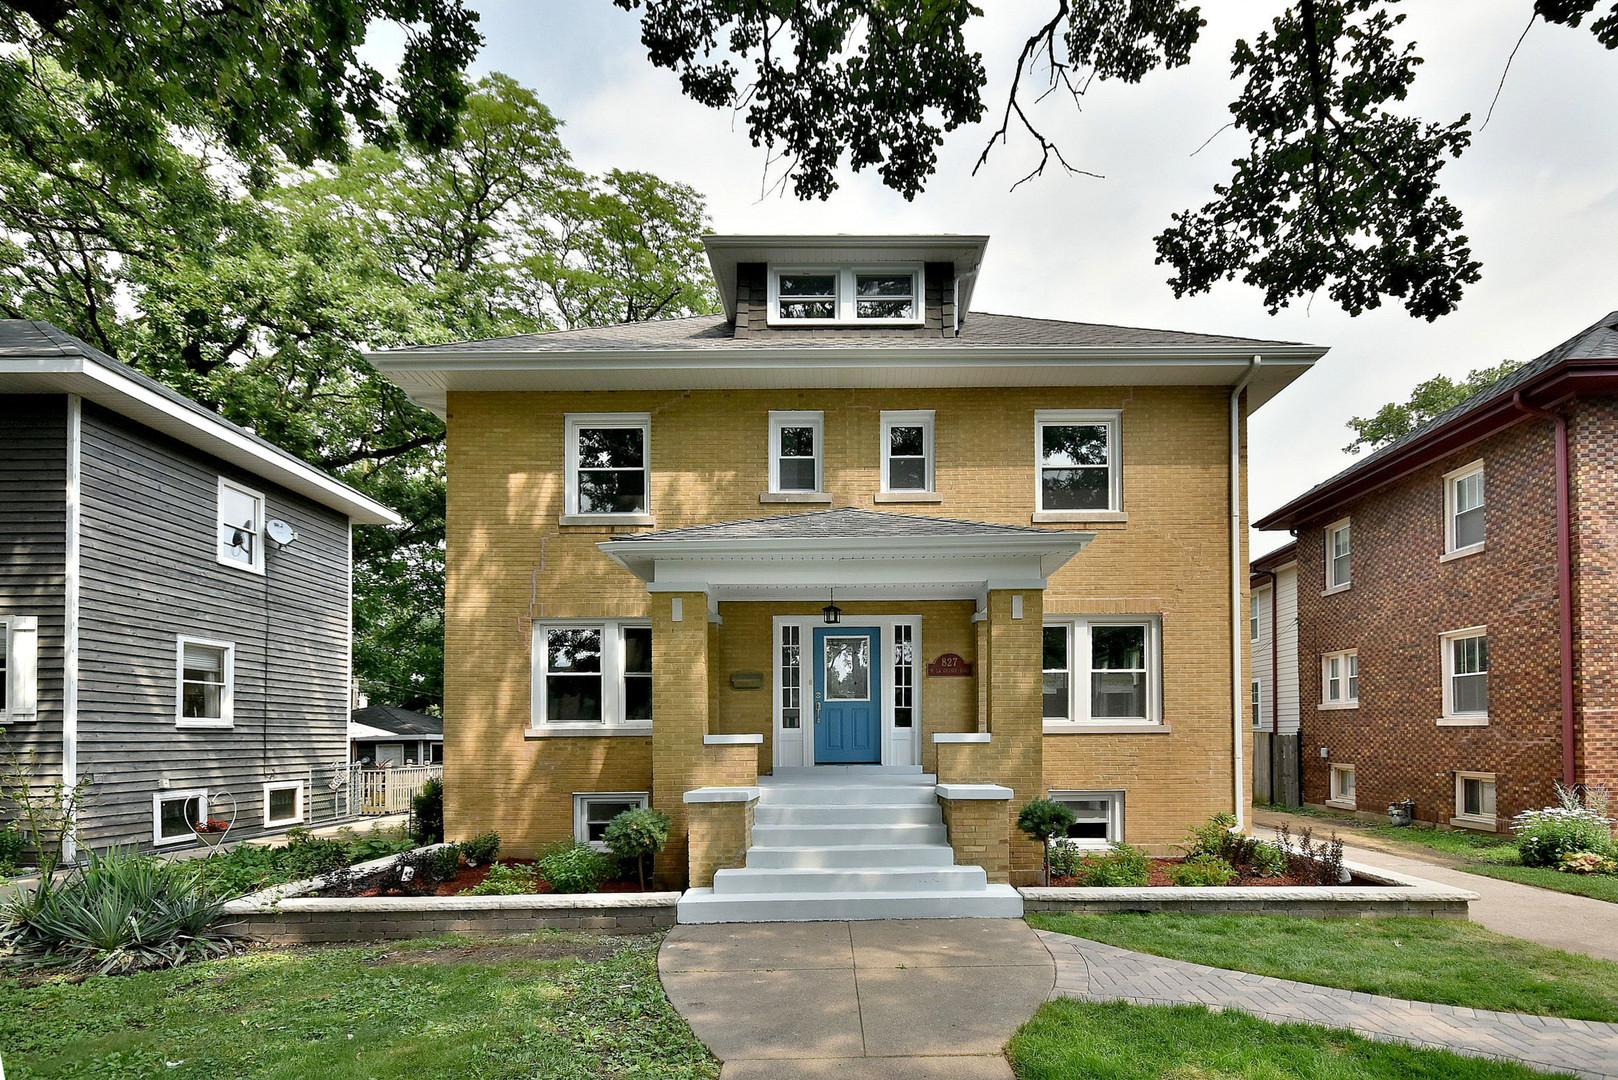 827 North La Grange Road, La Grange Park, Illinois